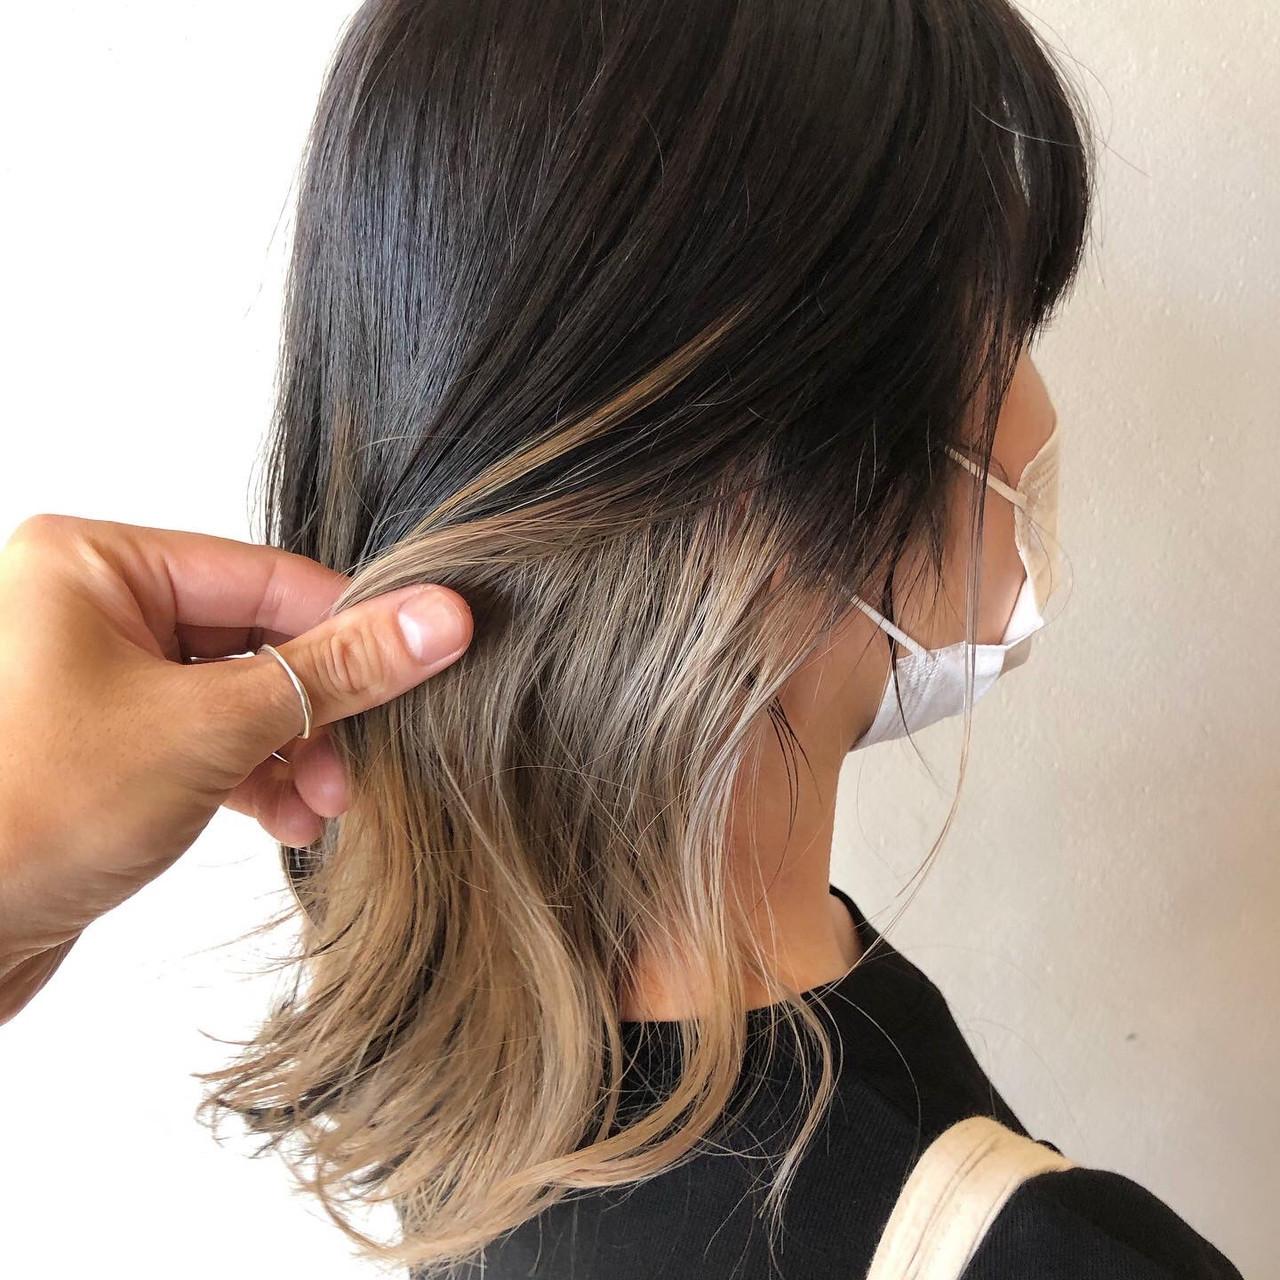 ナチュラルベージュ ヌーディベージュ インナーカラー ミルクティーベージュ ヘアスタイルや髪型の写真・画像